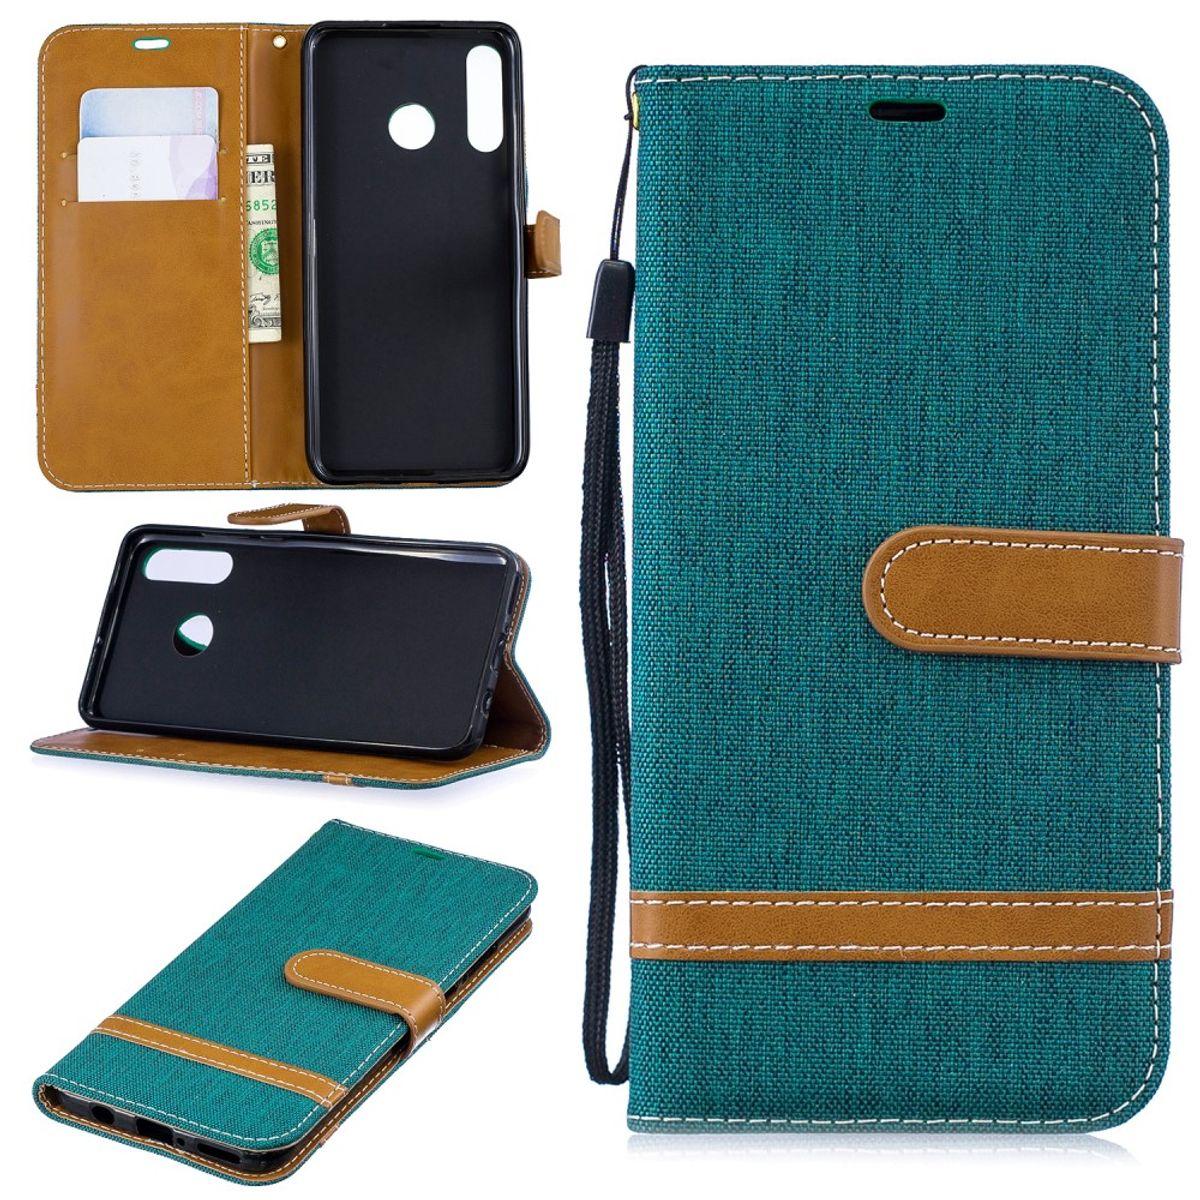 Huawei P30 lite New Edition Handy Hülle Schutz-Tasche Case Cover Kartenfach Etui Wallet Grün